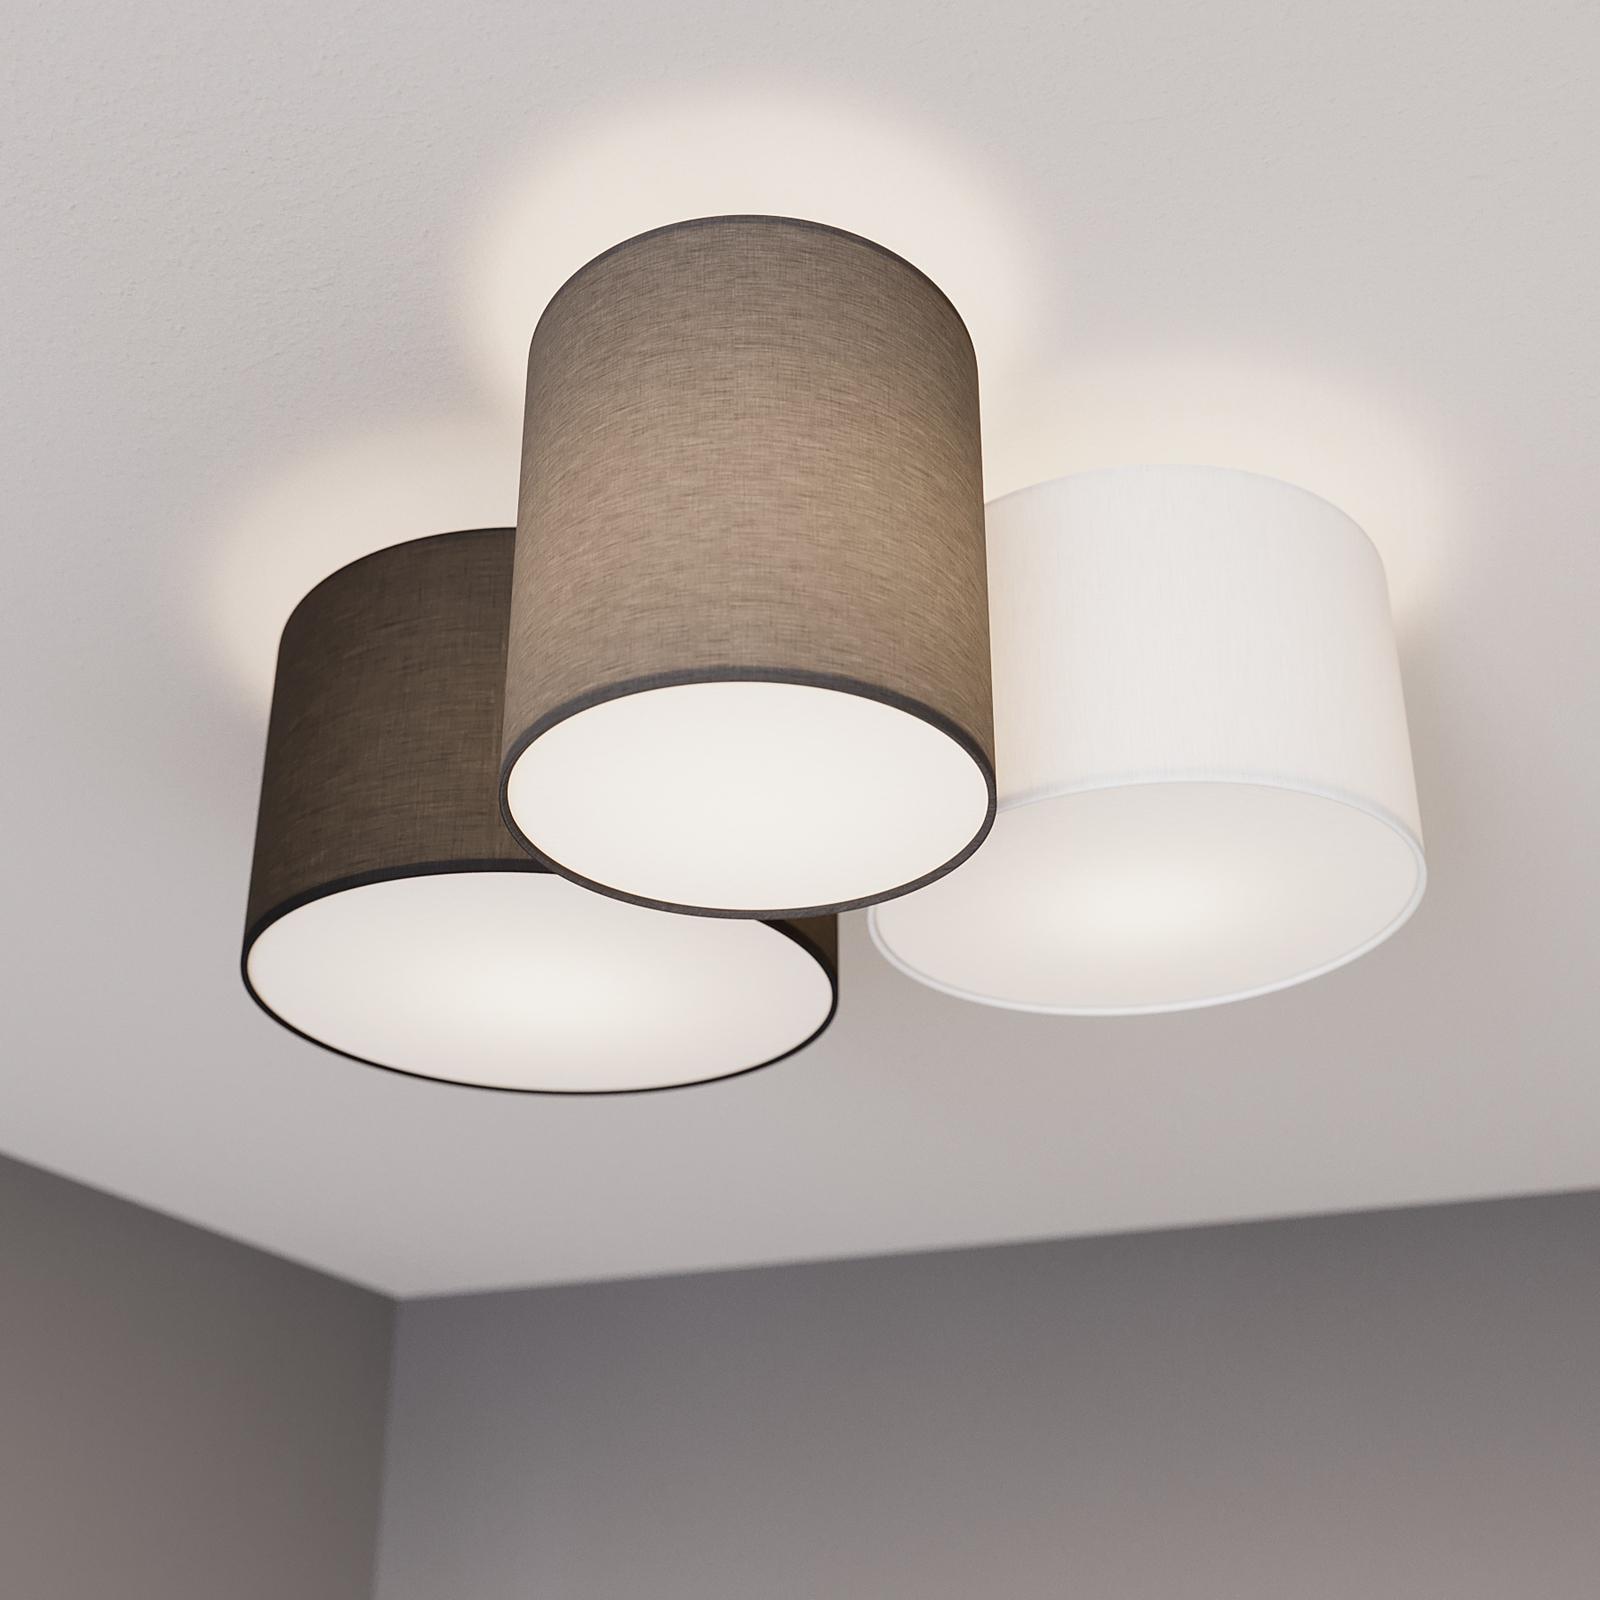 Lindby Laurenz plafoniera, 3 luci, grigio, marrone